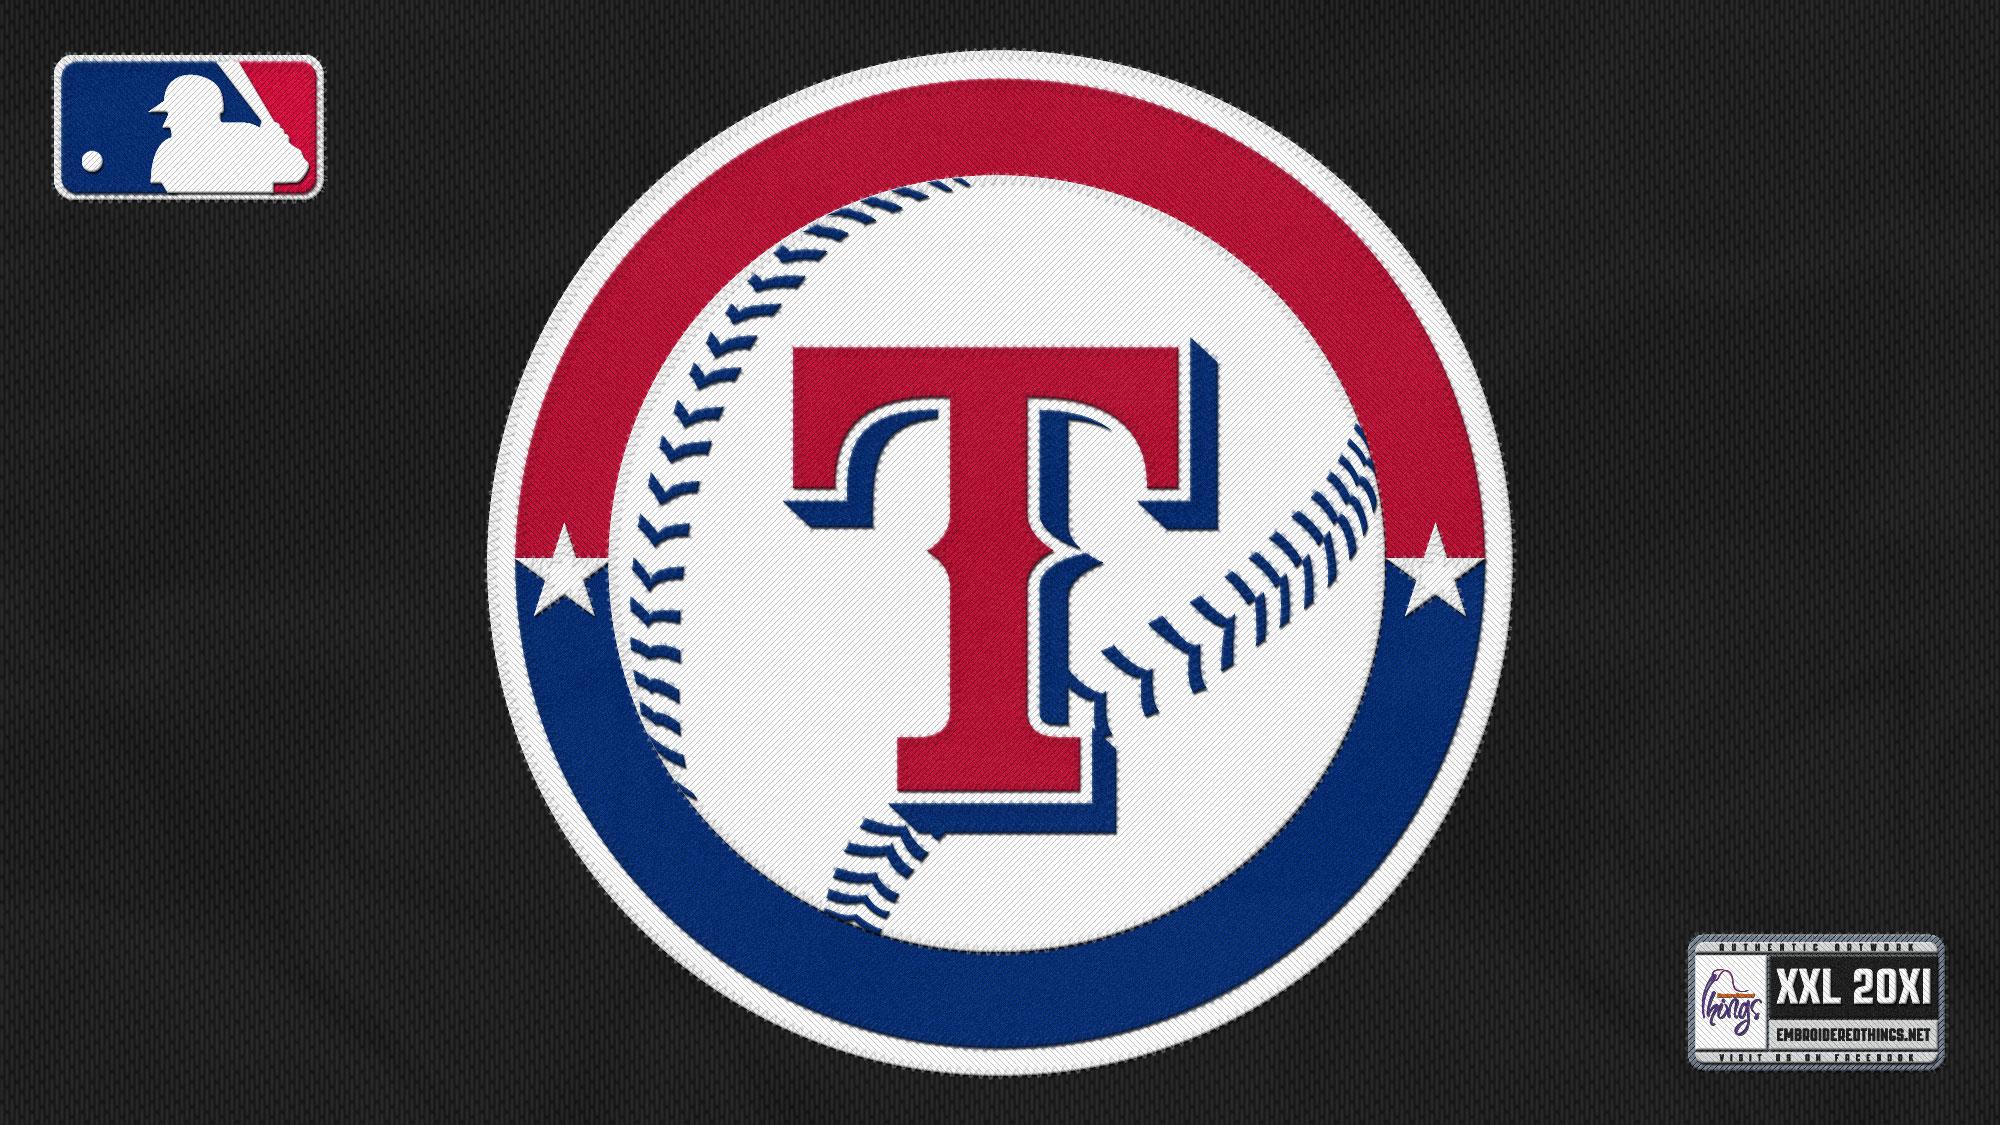 Download Texas Rangers Desktop Wallpaper Here Picture Apps 2000x1125